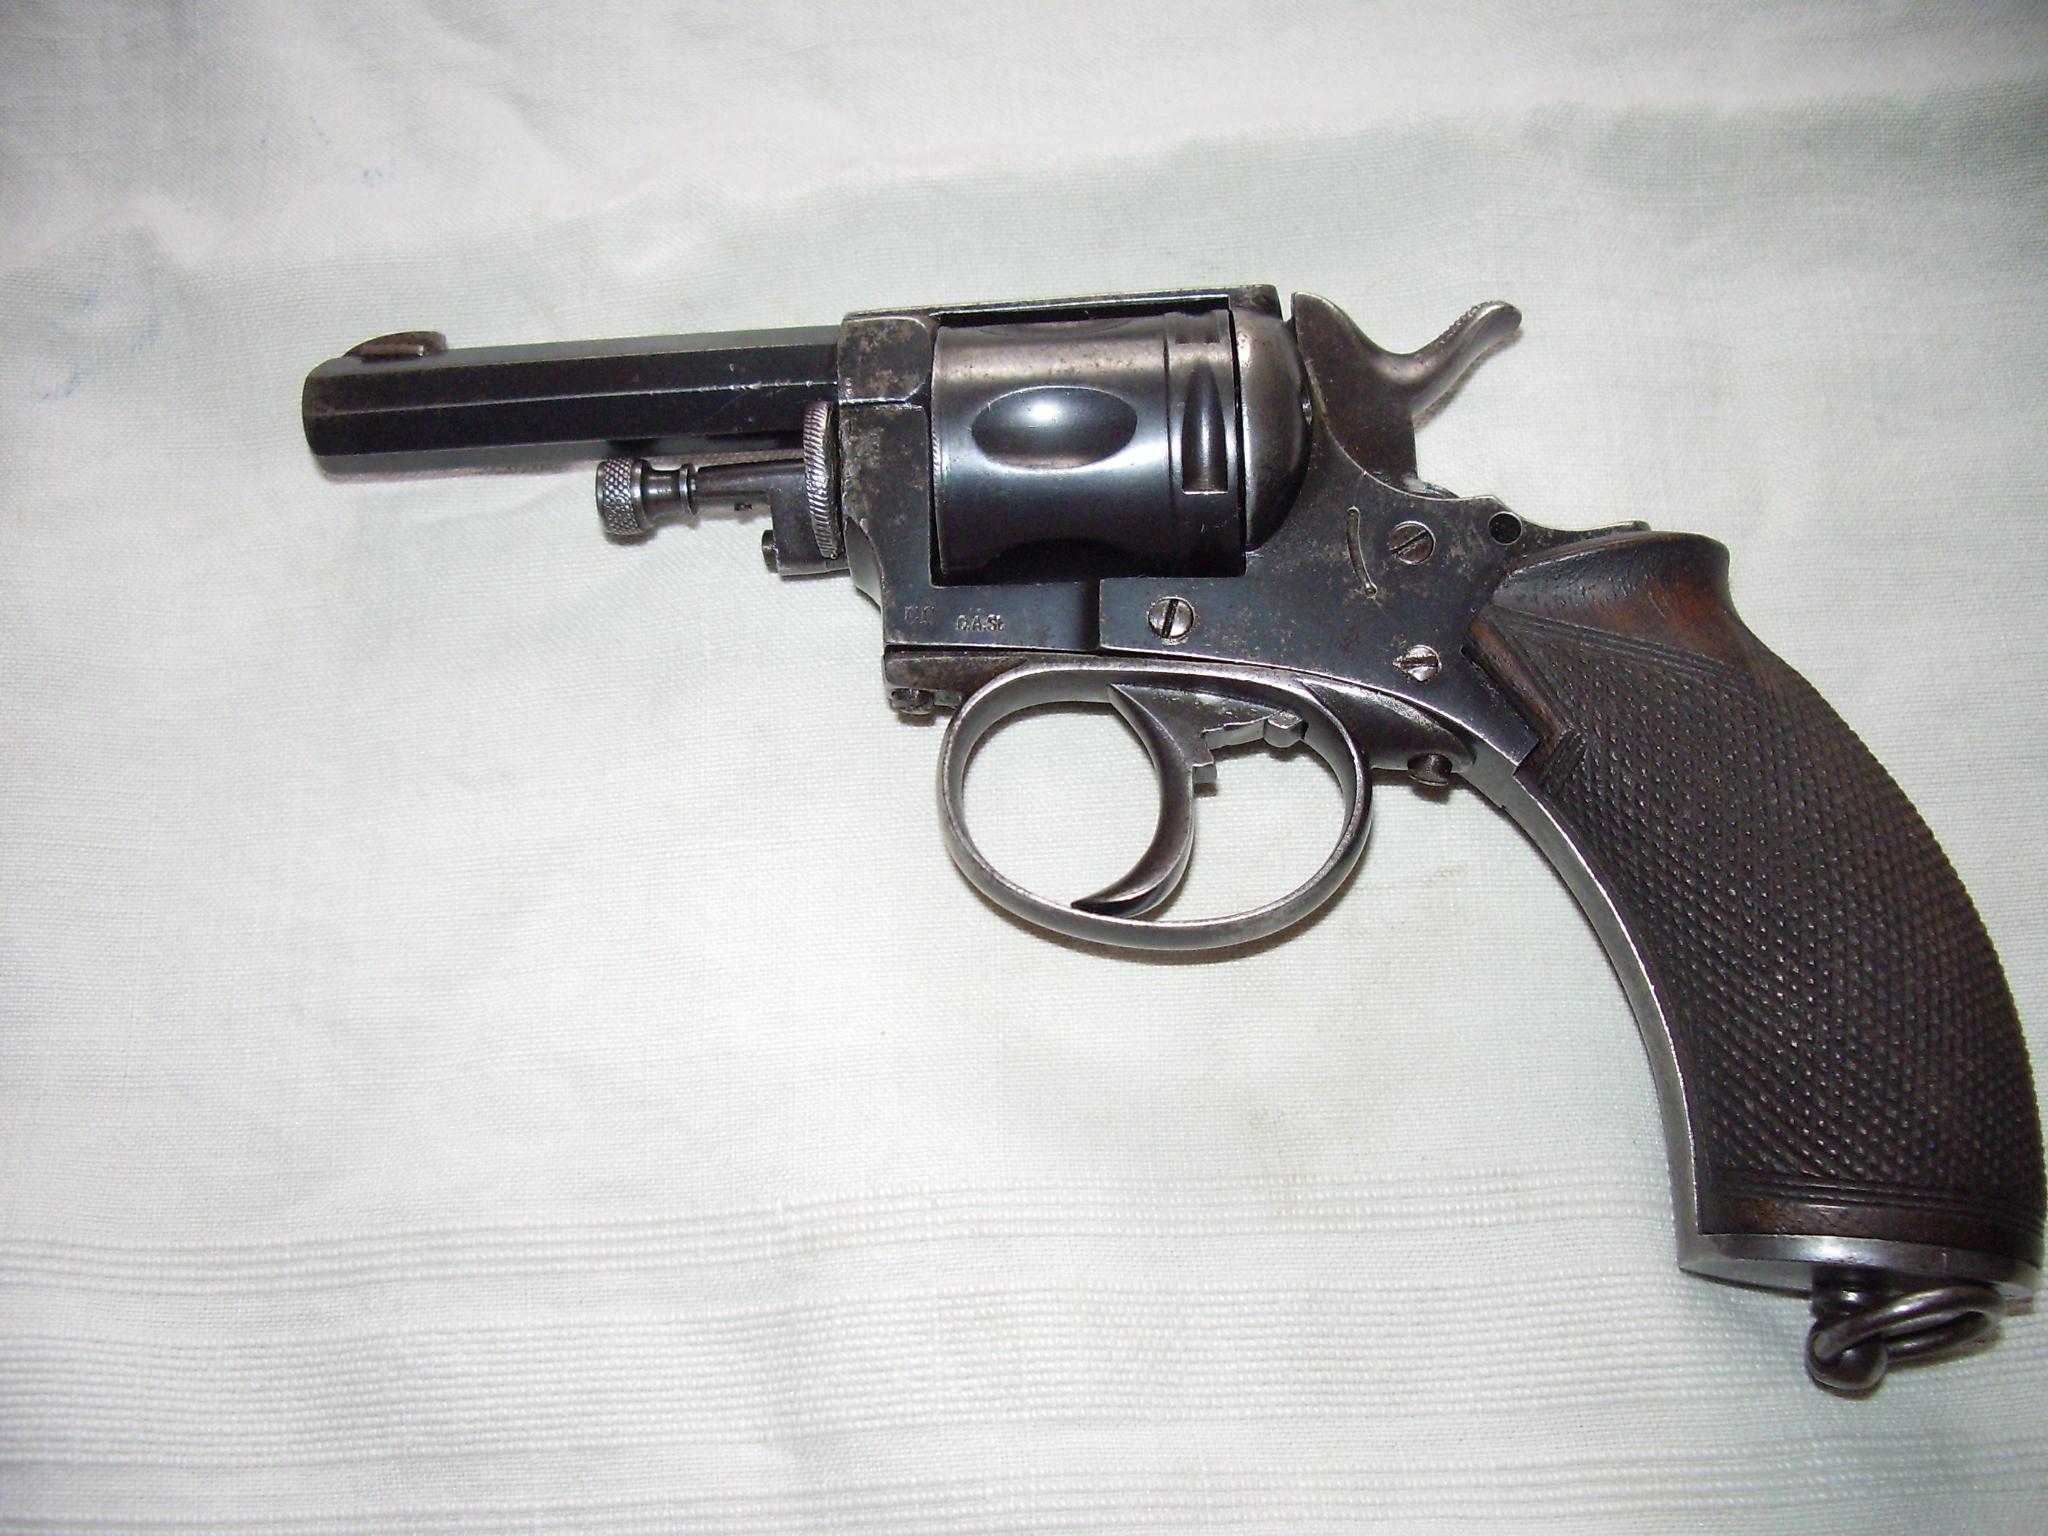 identification d'un revolver à priori d'origine Belge Imgp2805y